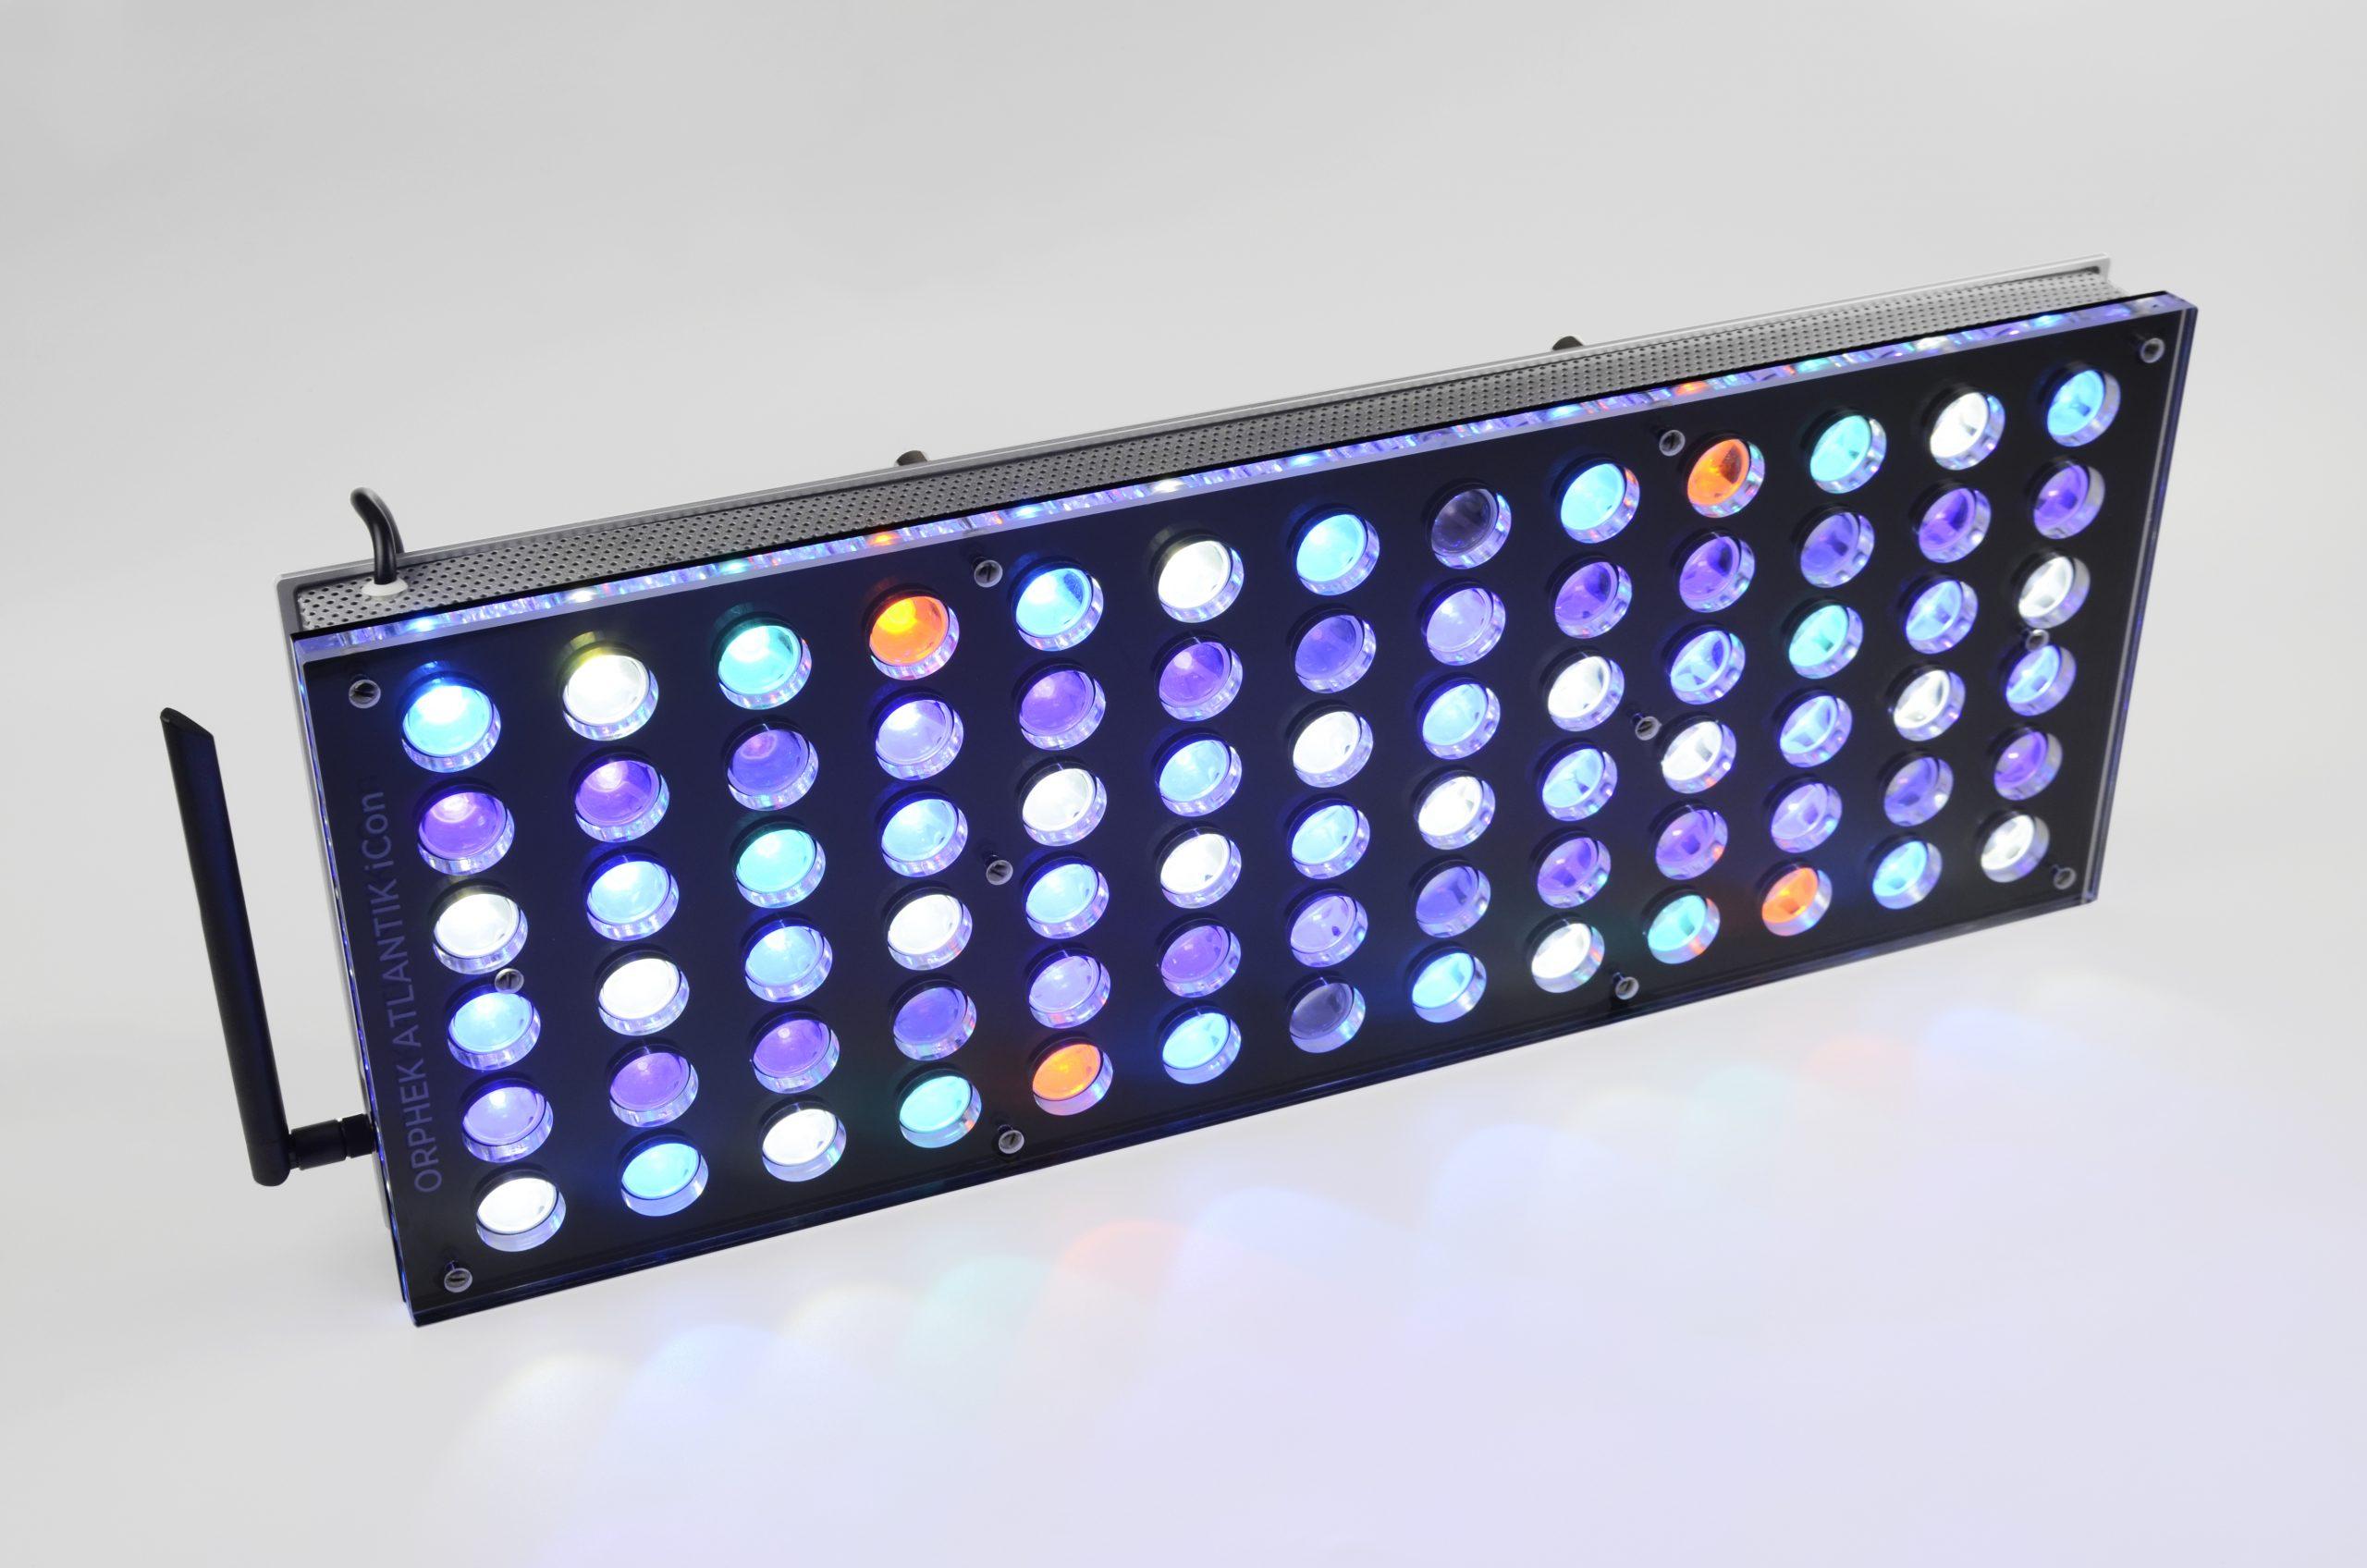 Orphek Atlantik iCon najlepsze oświetlenie akwarium rafowego 2022 LED